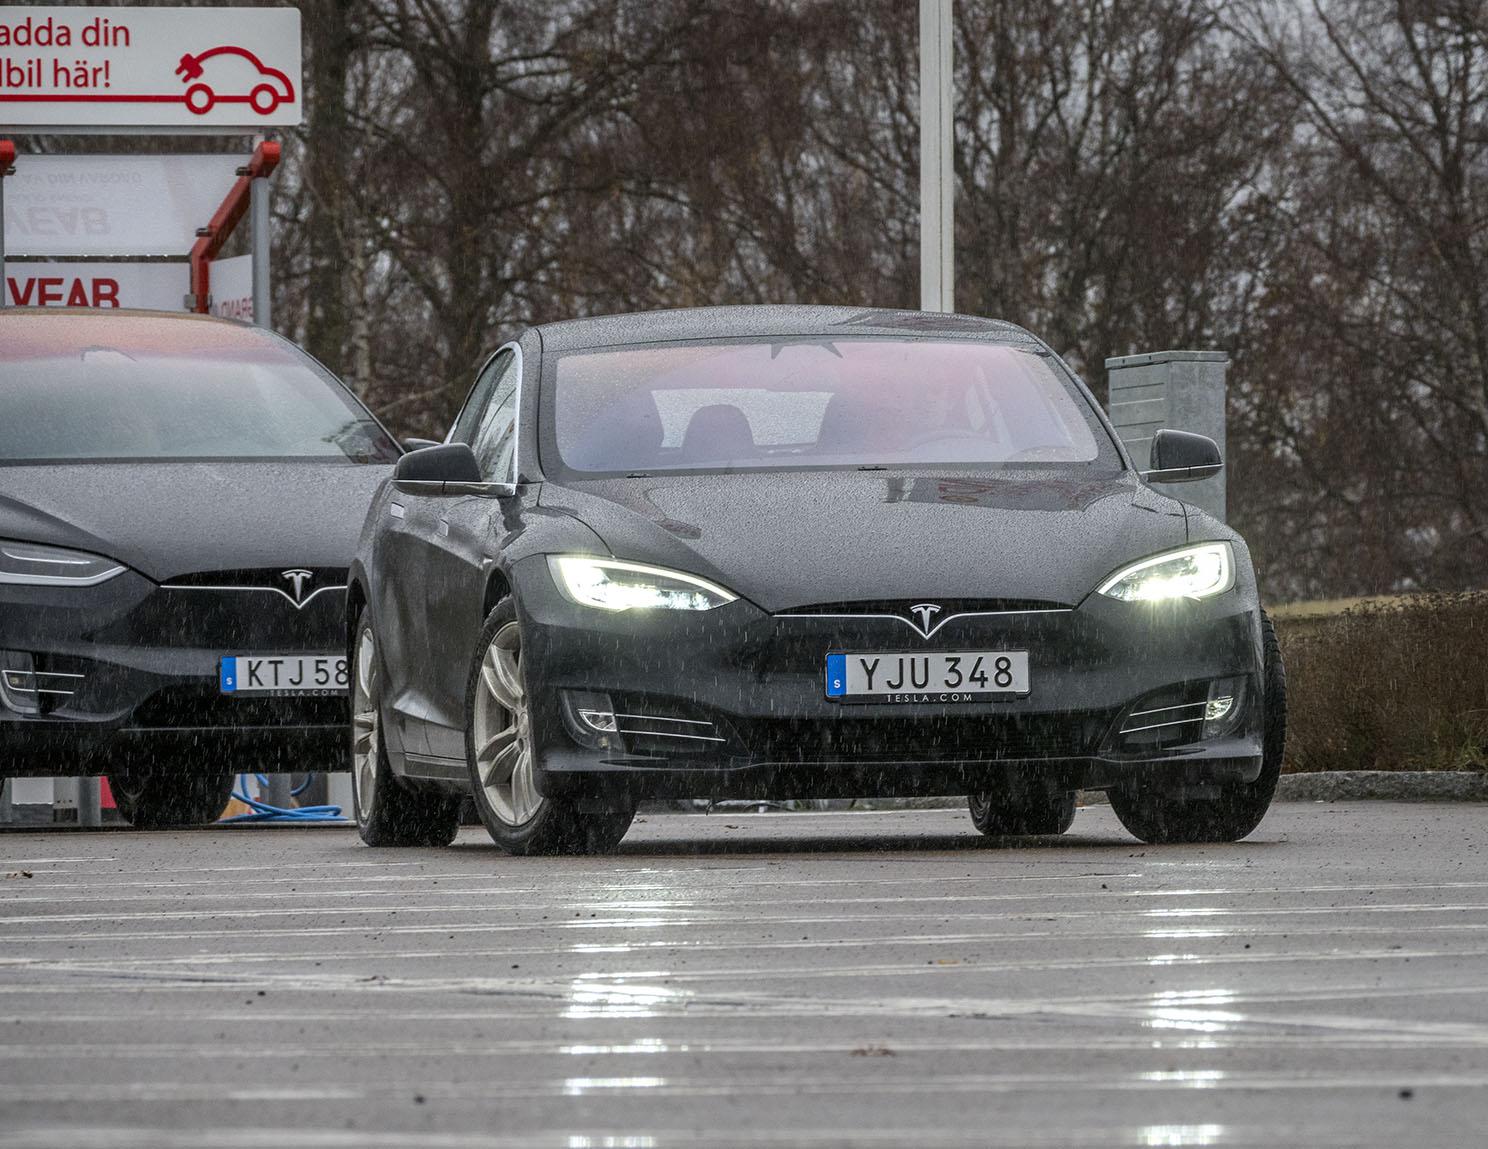 På Teslas pop-Up butik vid Samarkand i Växjö kan man provköra både SUV:en, Tesla X, och halvkombin Tesla S. Båda är fryhjulsdrivna och fungerar utmärkt i svenskt vinterklimat bara man står ut med en begränsning i räckvidden.